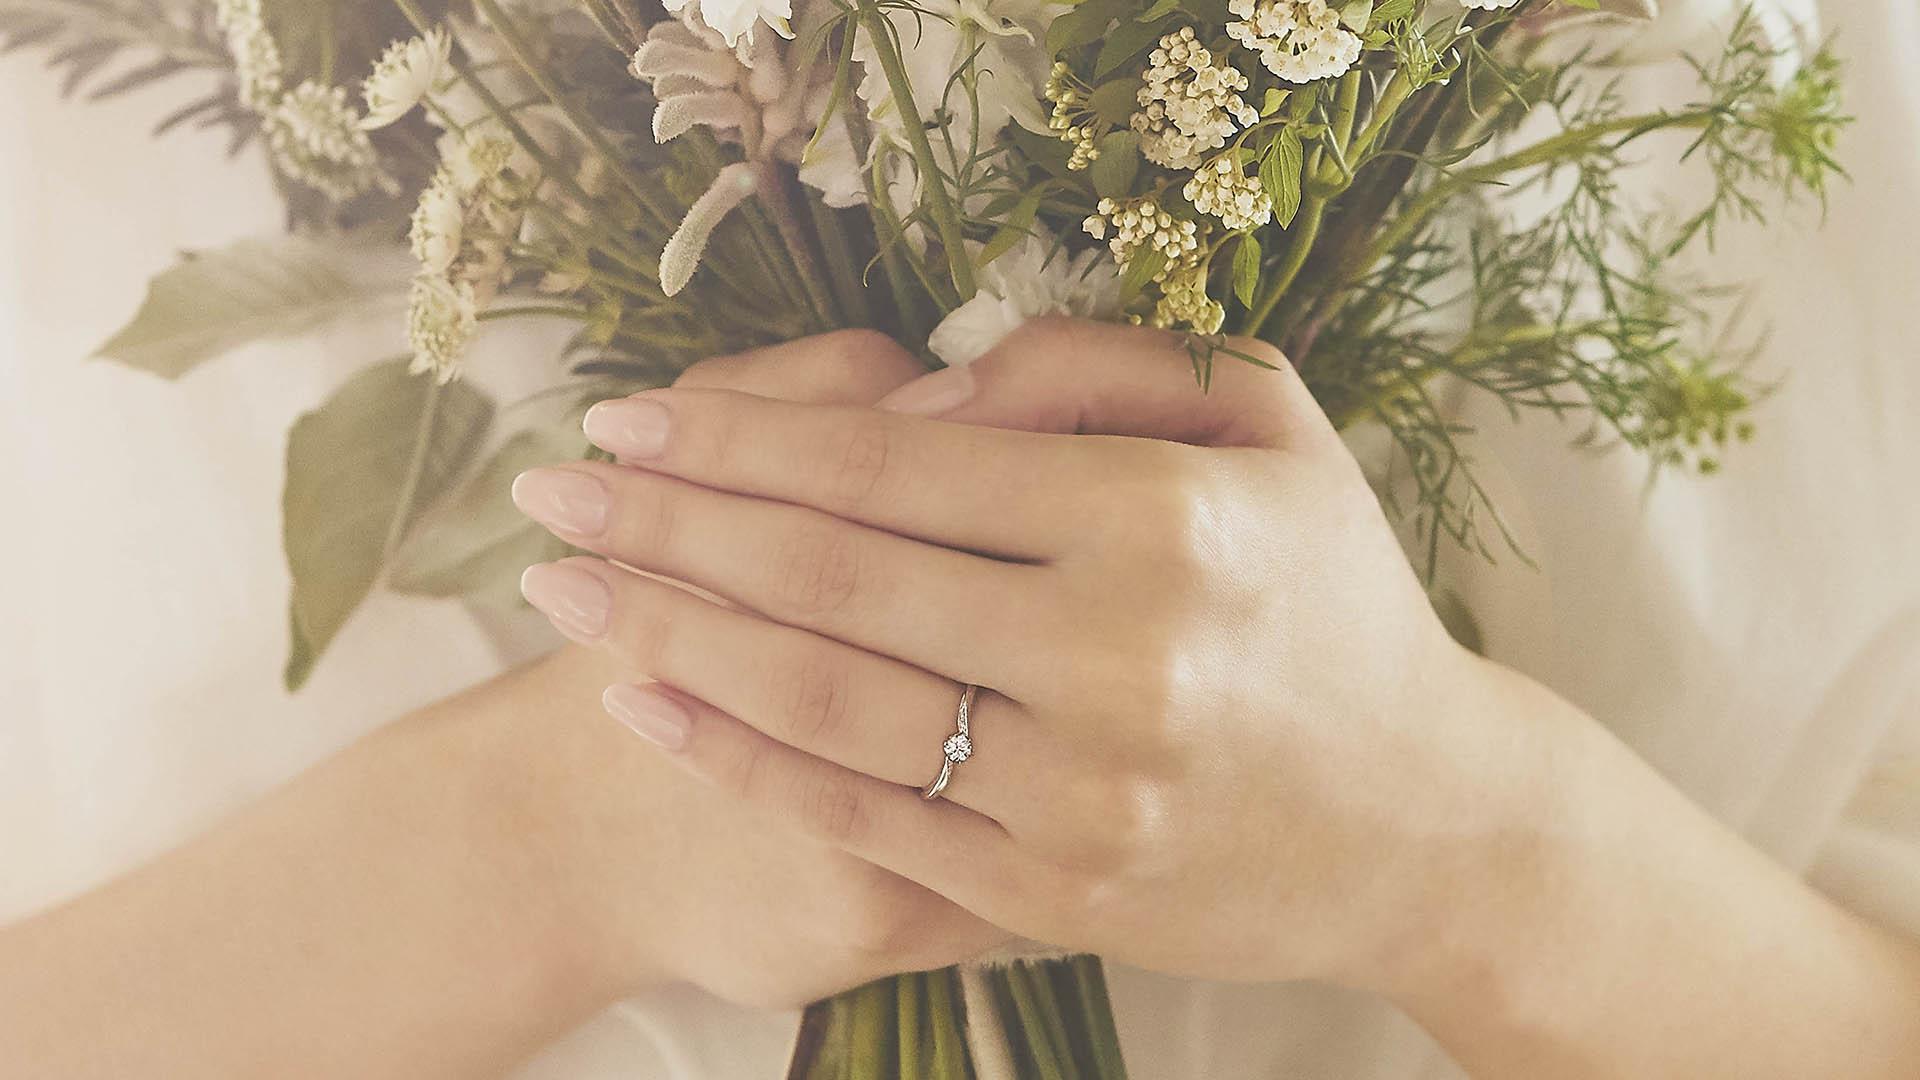 flanery フラネリー | 婚約指輪サムネイル 4